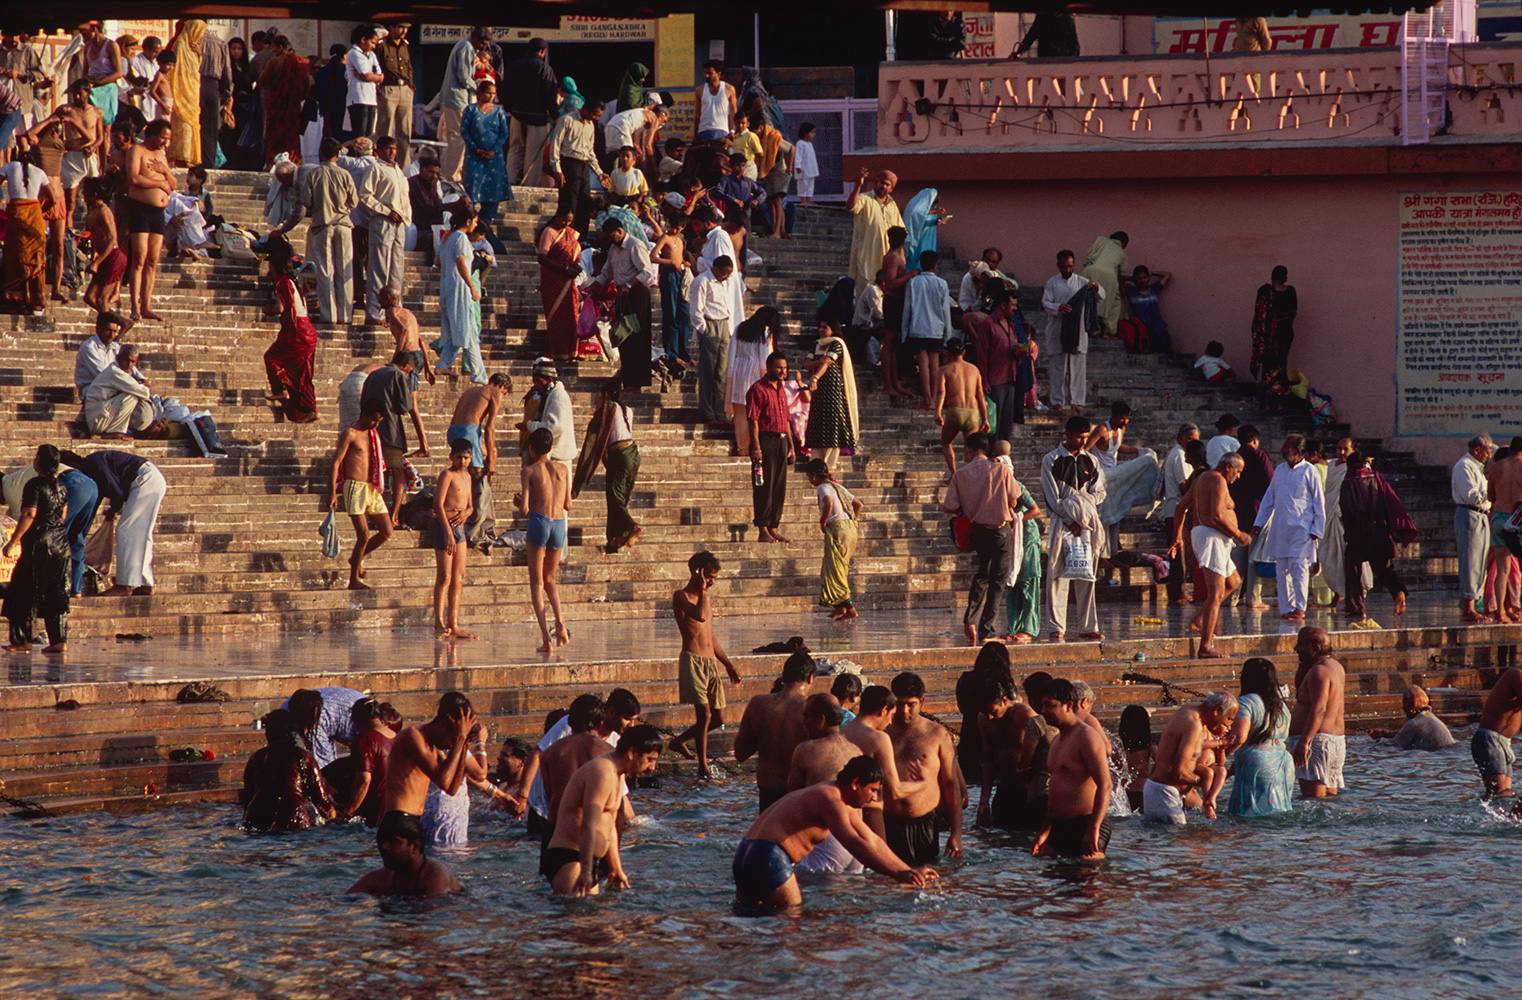 haridwar_riverfront9_2004RVP